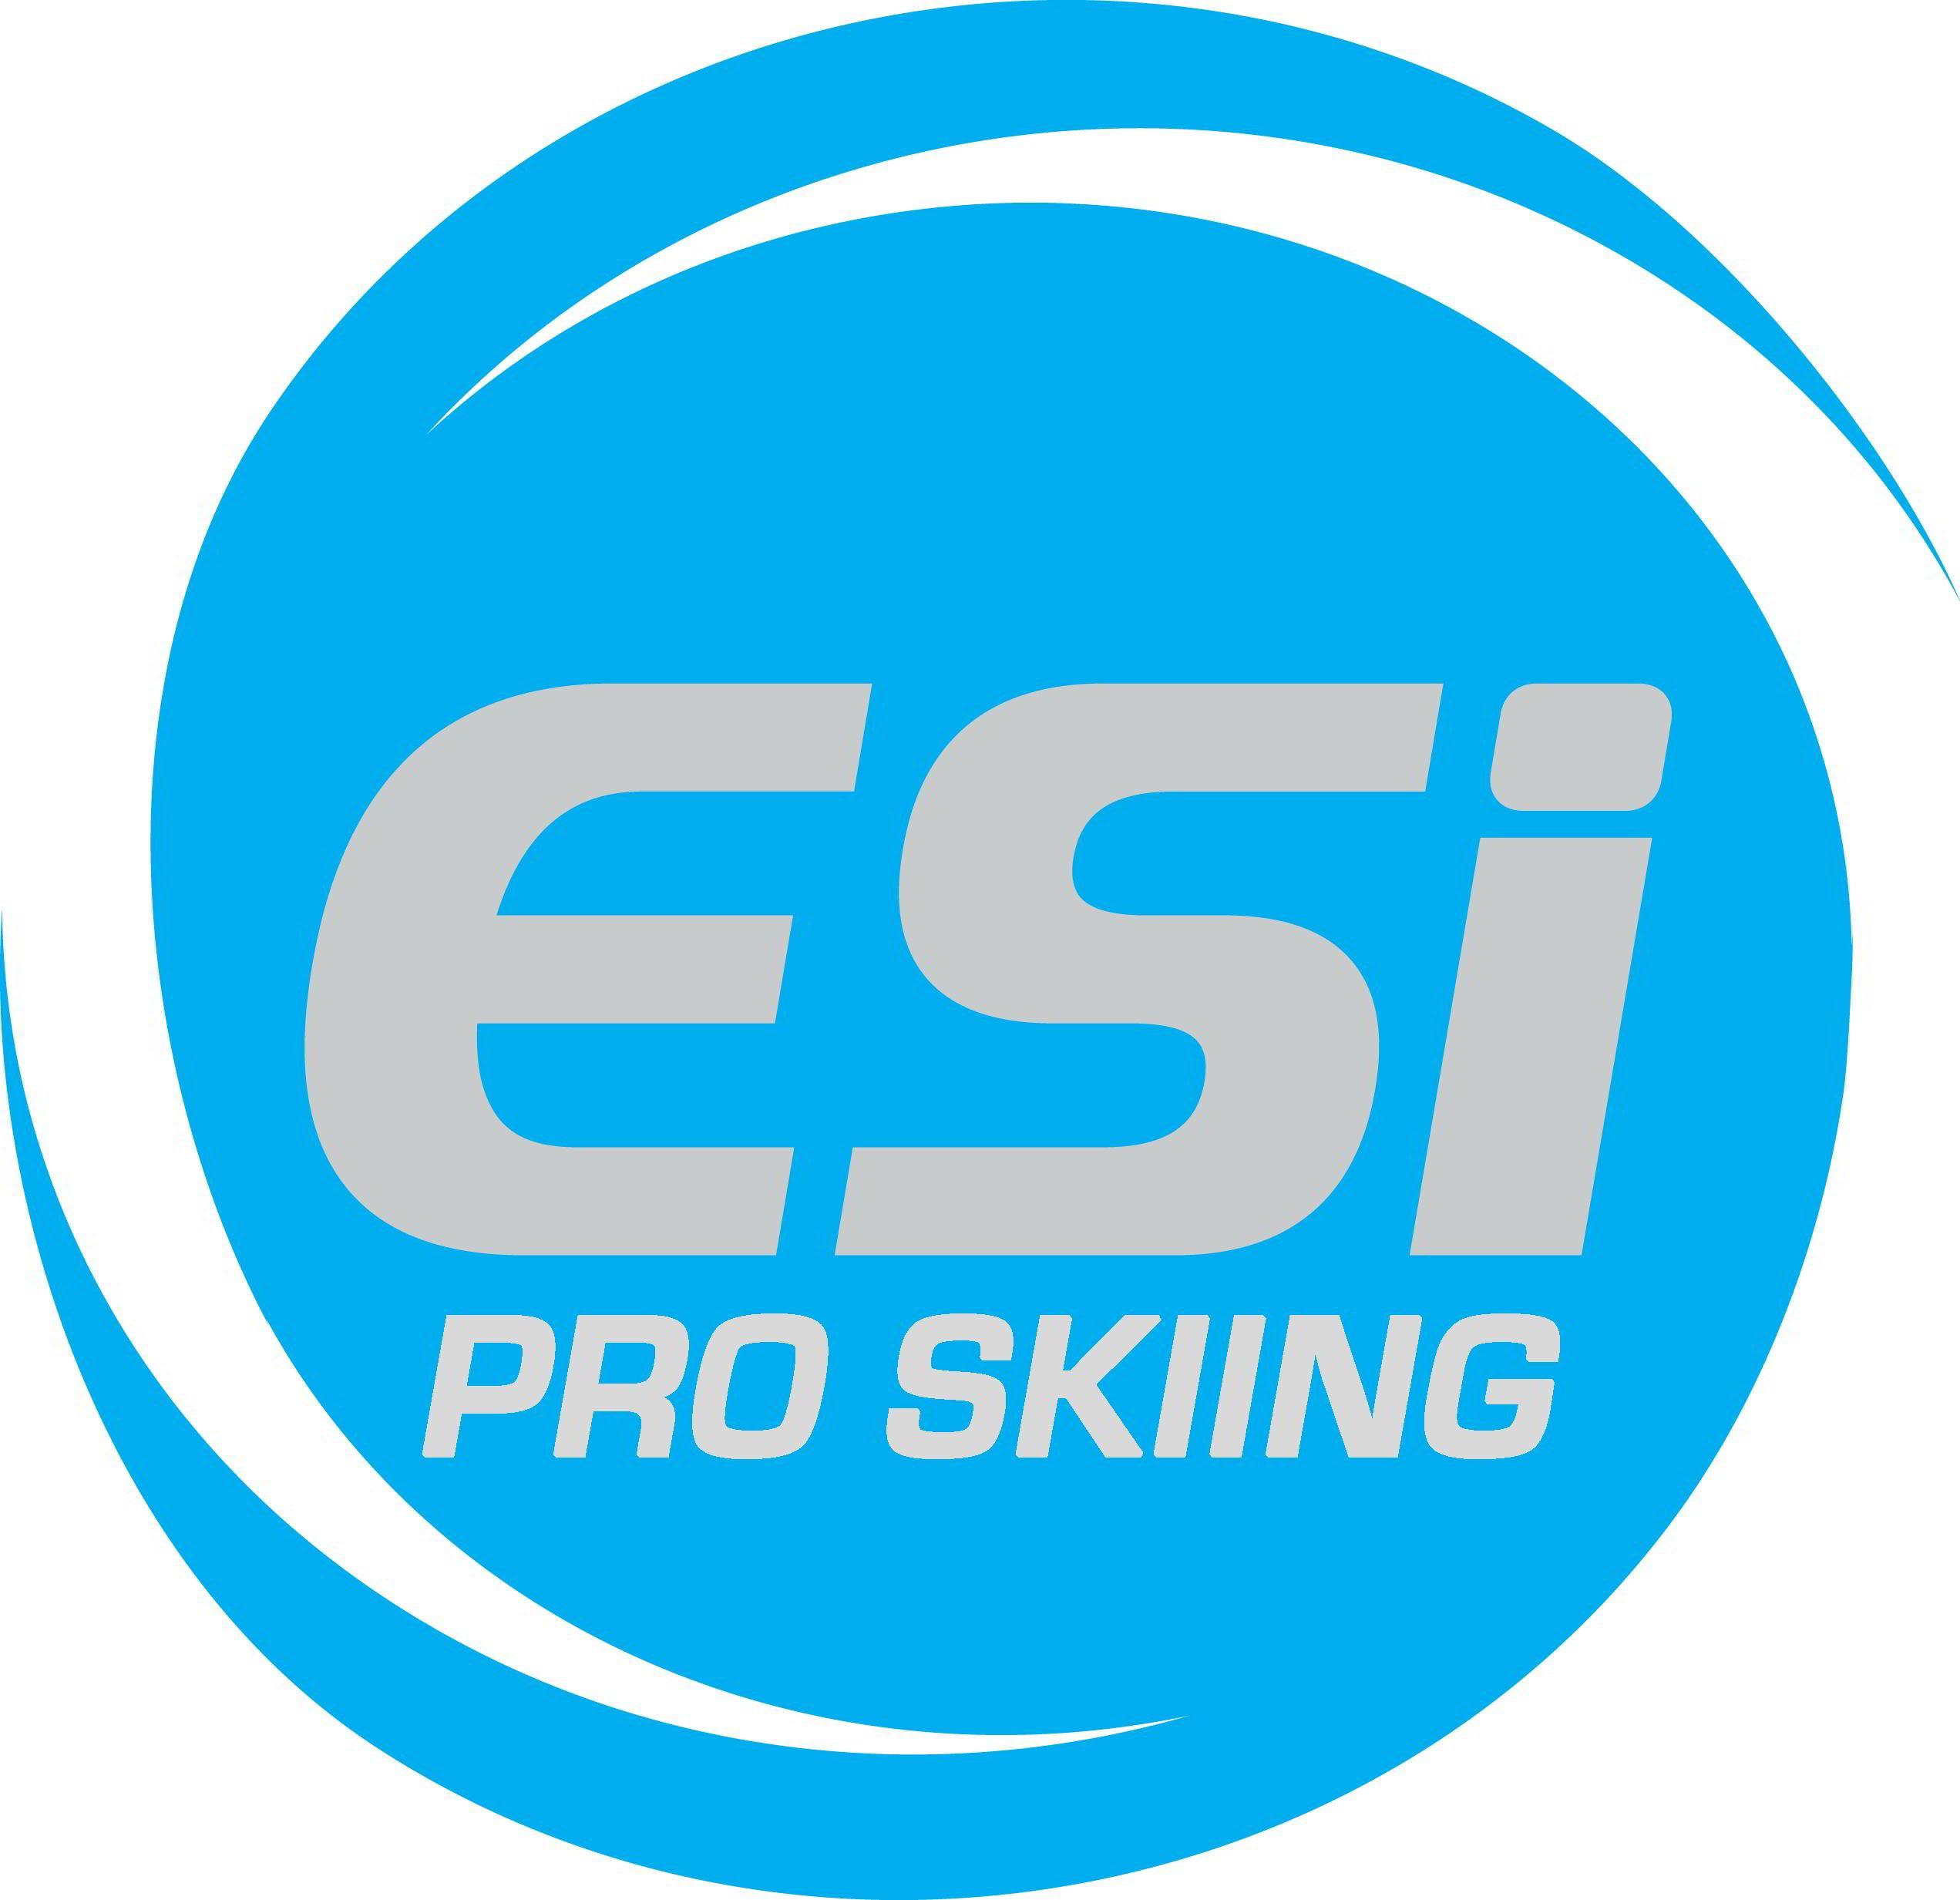 Cours de ski Ados & Adultes pour Tous niveaux - Février